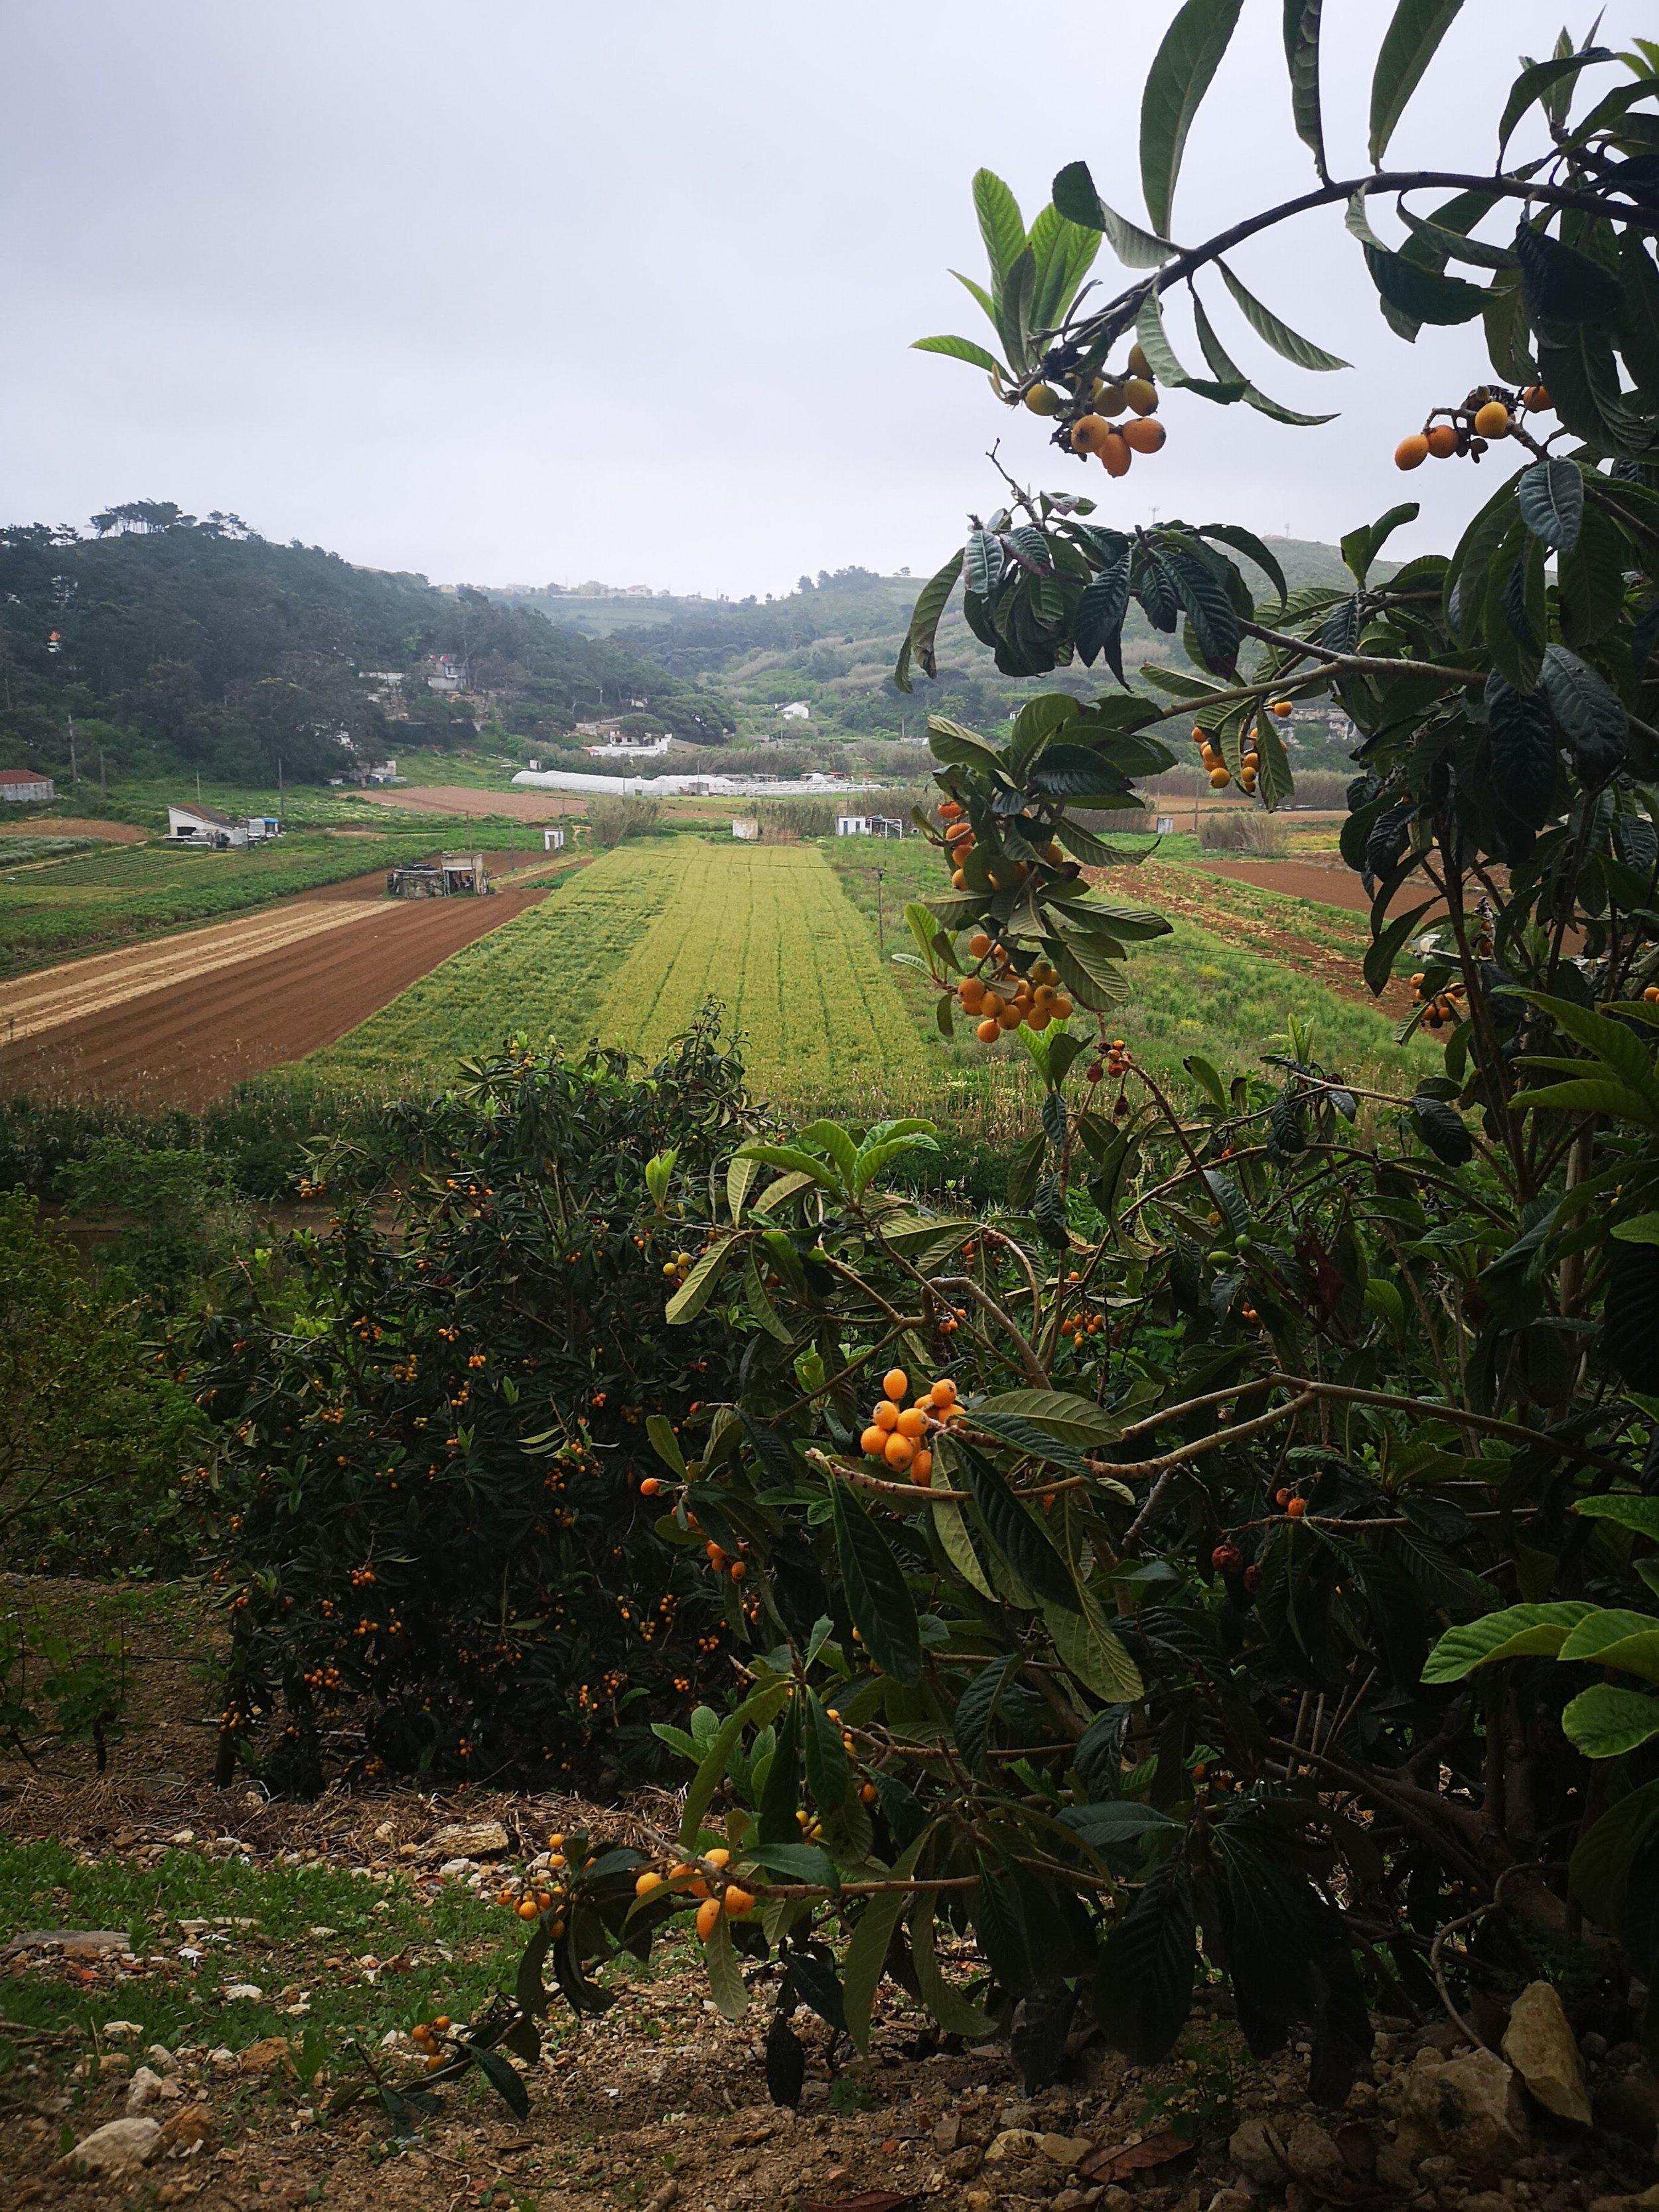 Nispero Fruit from the Garden!